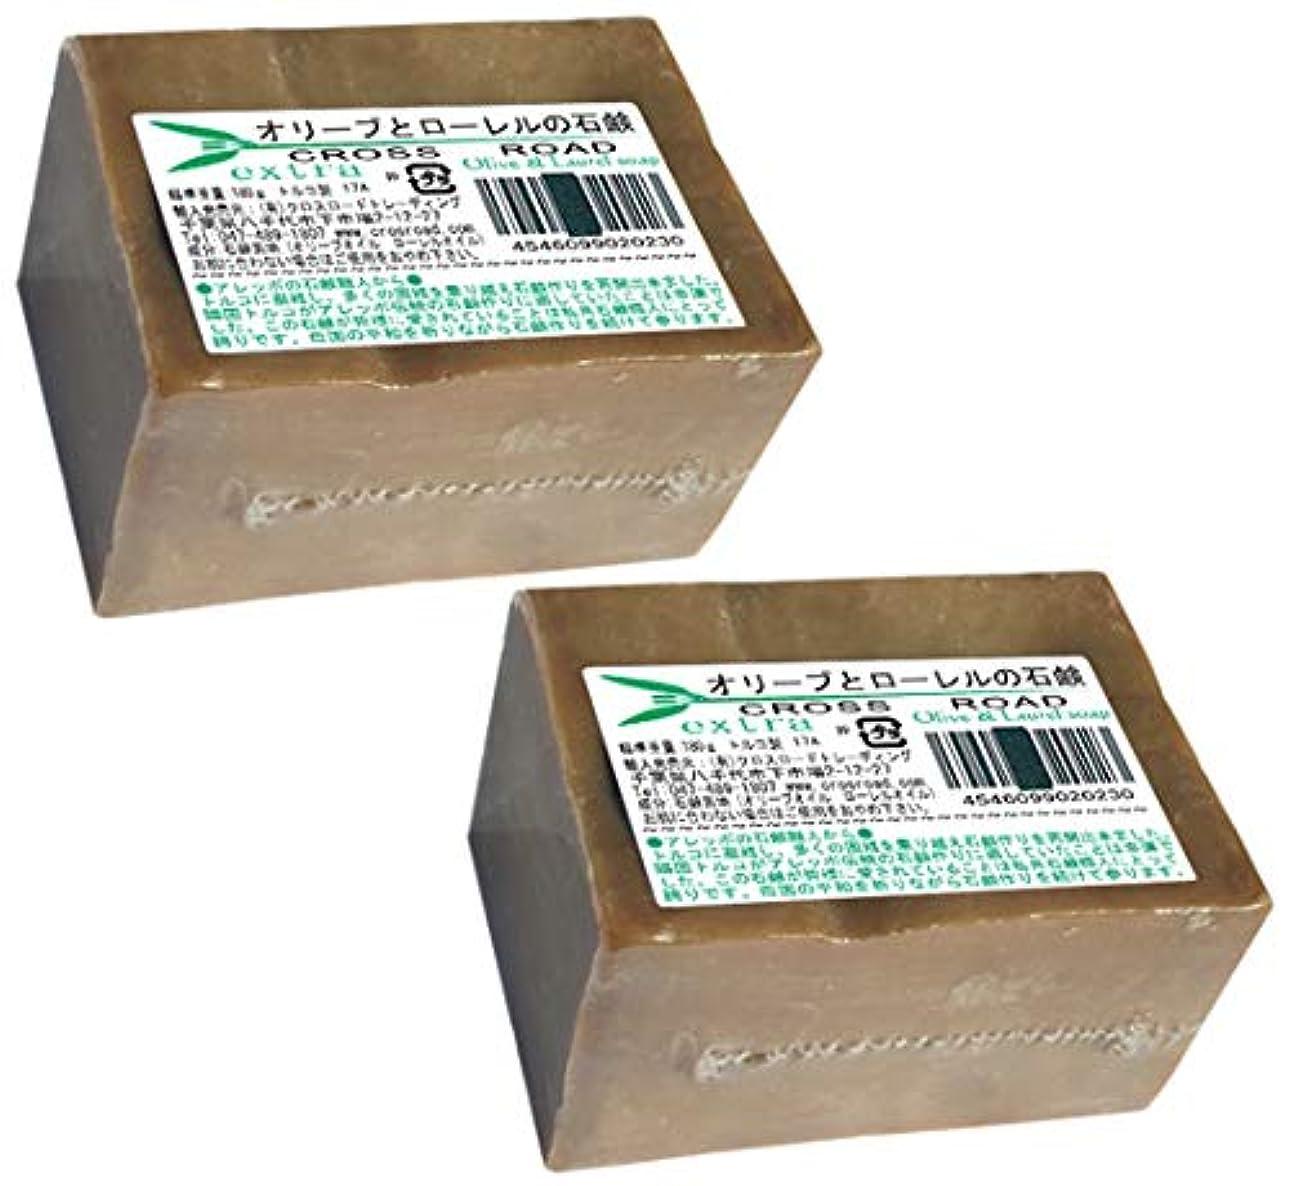 六月素晴らしさ個人的にオリーブとローレルの石鹸(エキストラ)2個セット[並行輸入品]